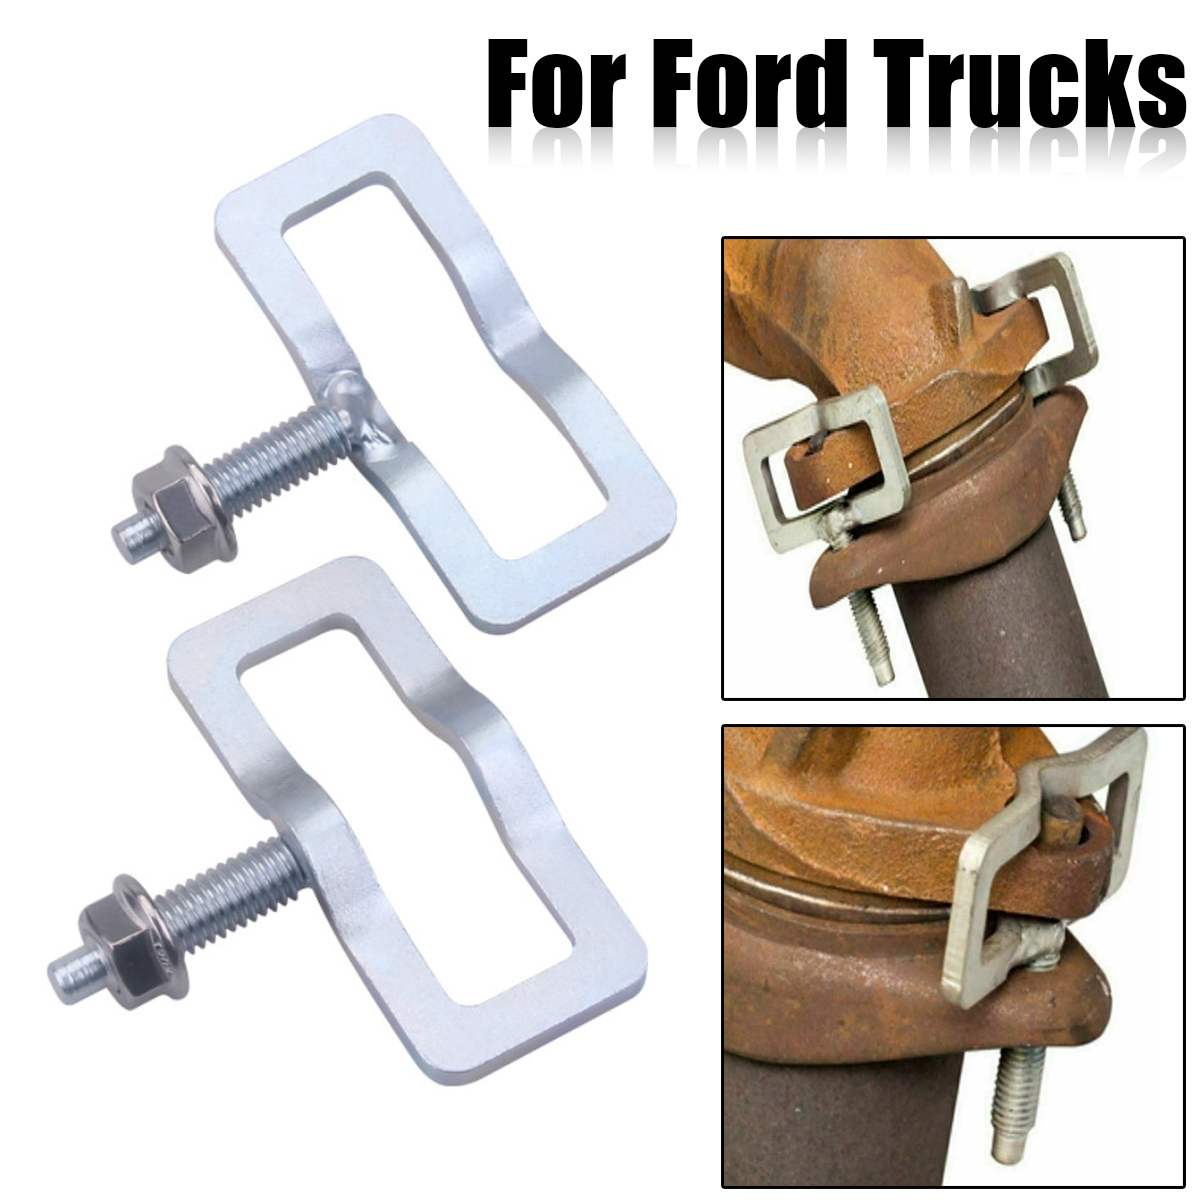 YENI Egzoz Manifoldu tamir kiti Çıtçıt Kelepçe Ford Kamyon Değiştirin Sistemi, 2 Adet Kelepçeleri 2 Çiviler